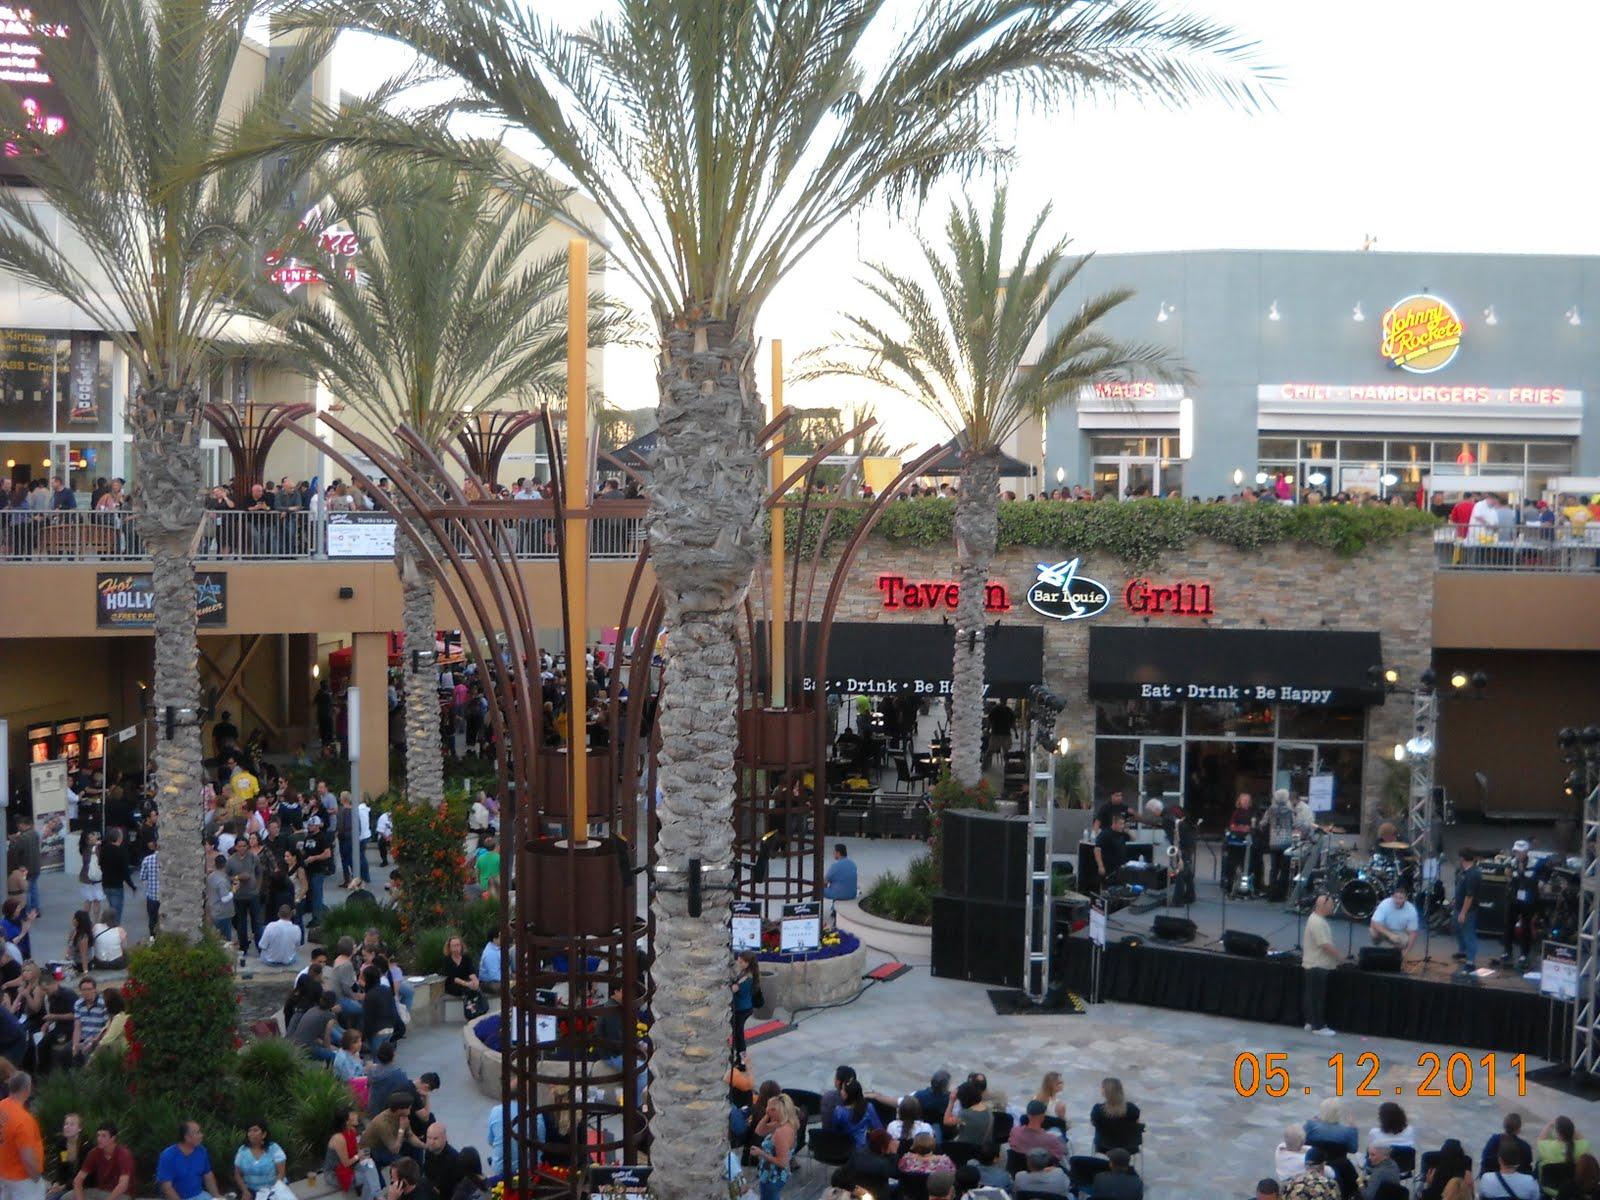 Restaurants In Garden Walk Anaheim: Eating My Way Through OC: Terrific Night At Taste Of Anaheim